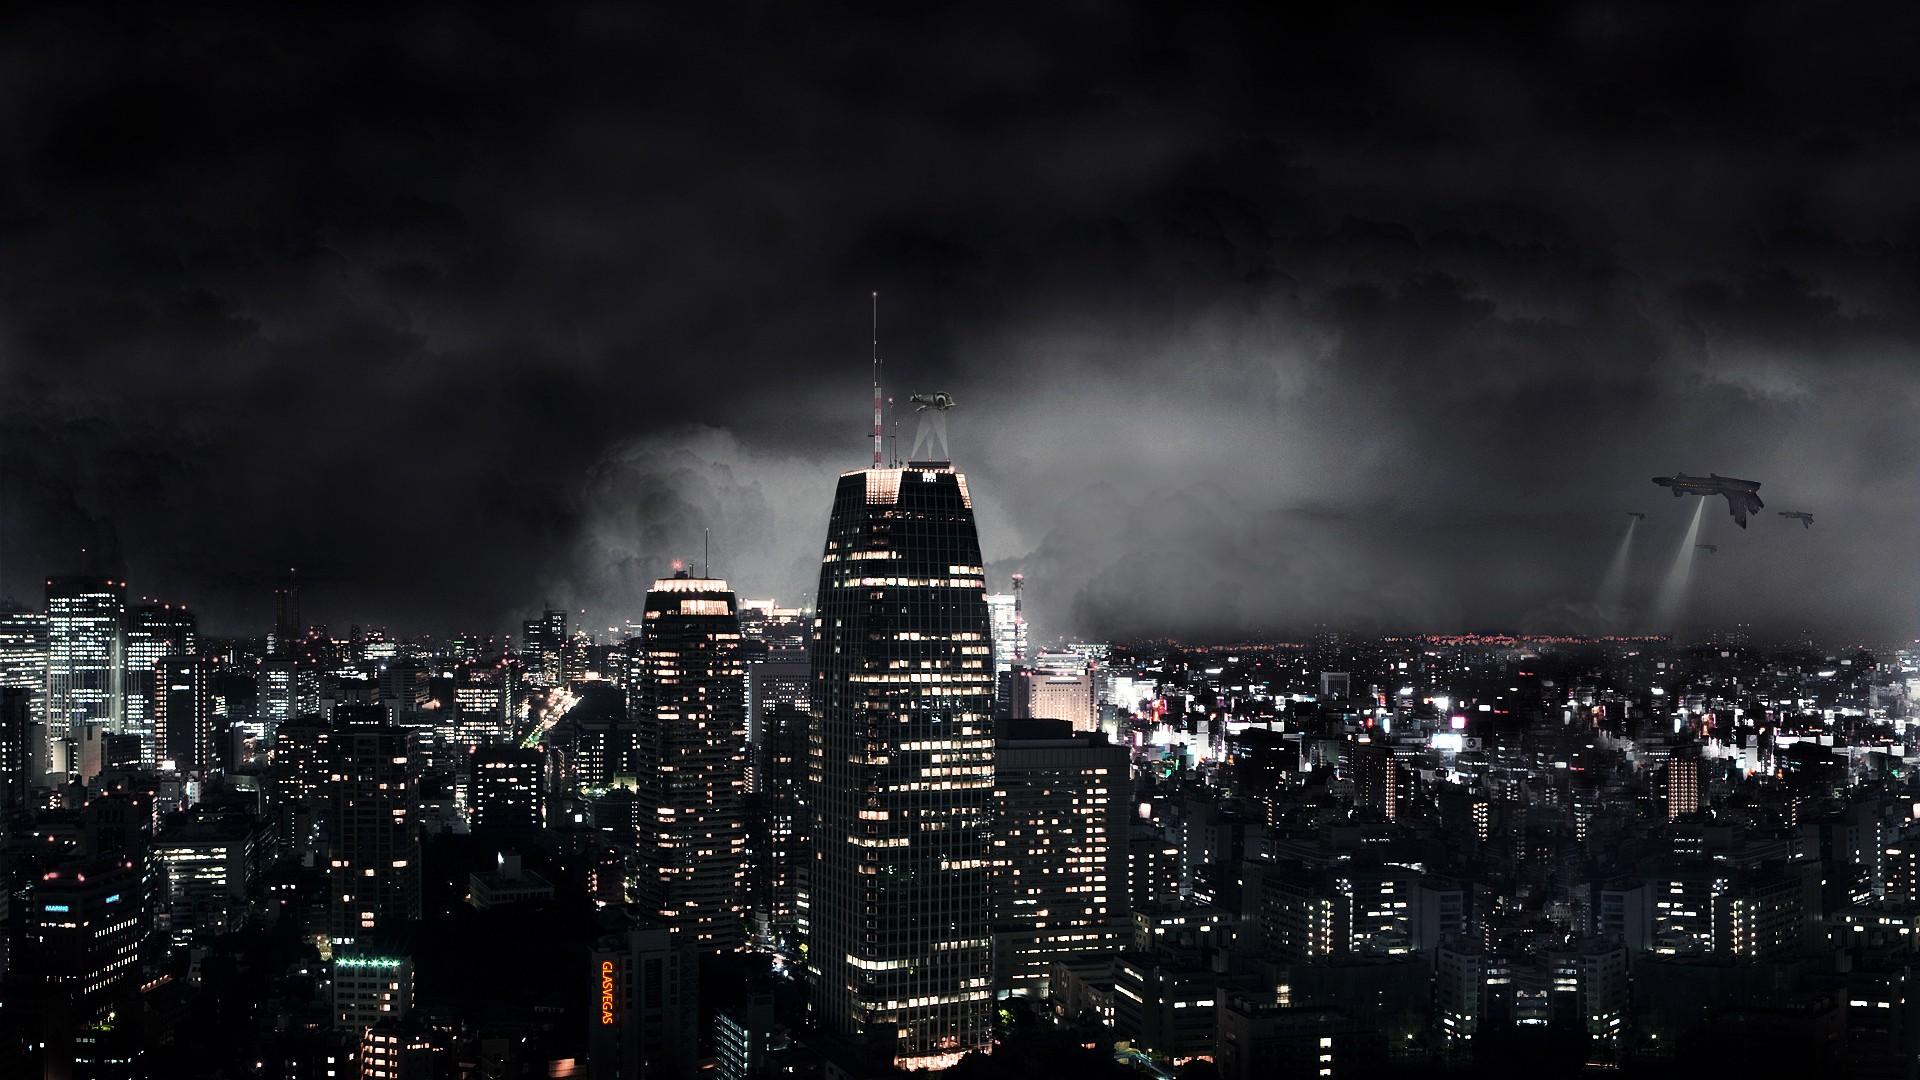 Dark desktop backgrounds hd